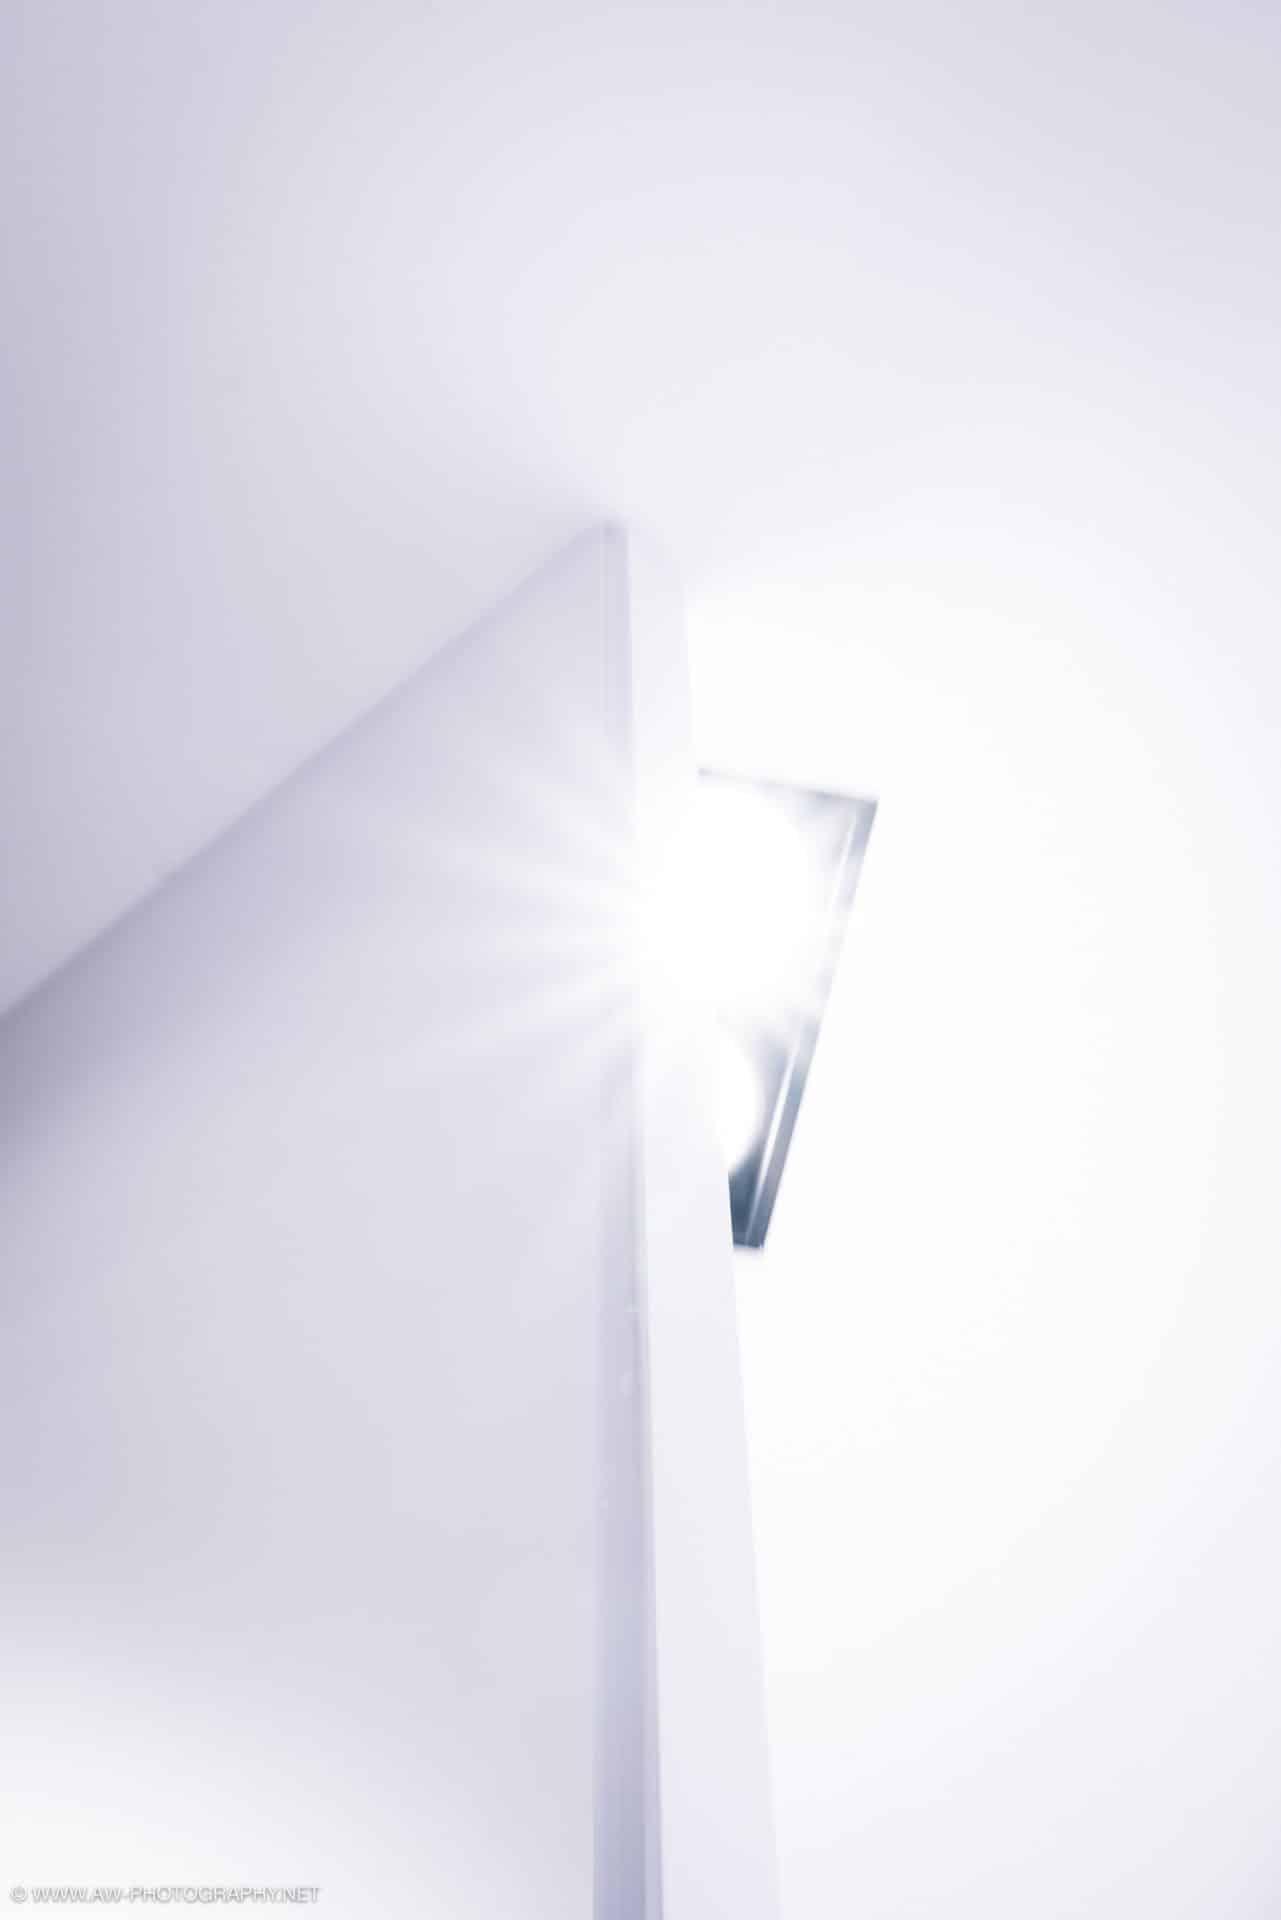 Innenausbau Penthousewohnung von VOIT in Schlichtstoff weiß und Stahl geschwärzt - Lichtinstallation